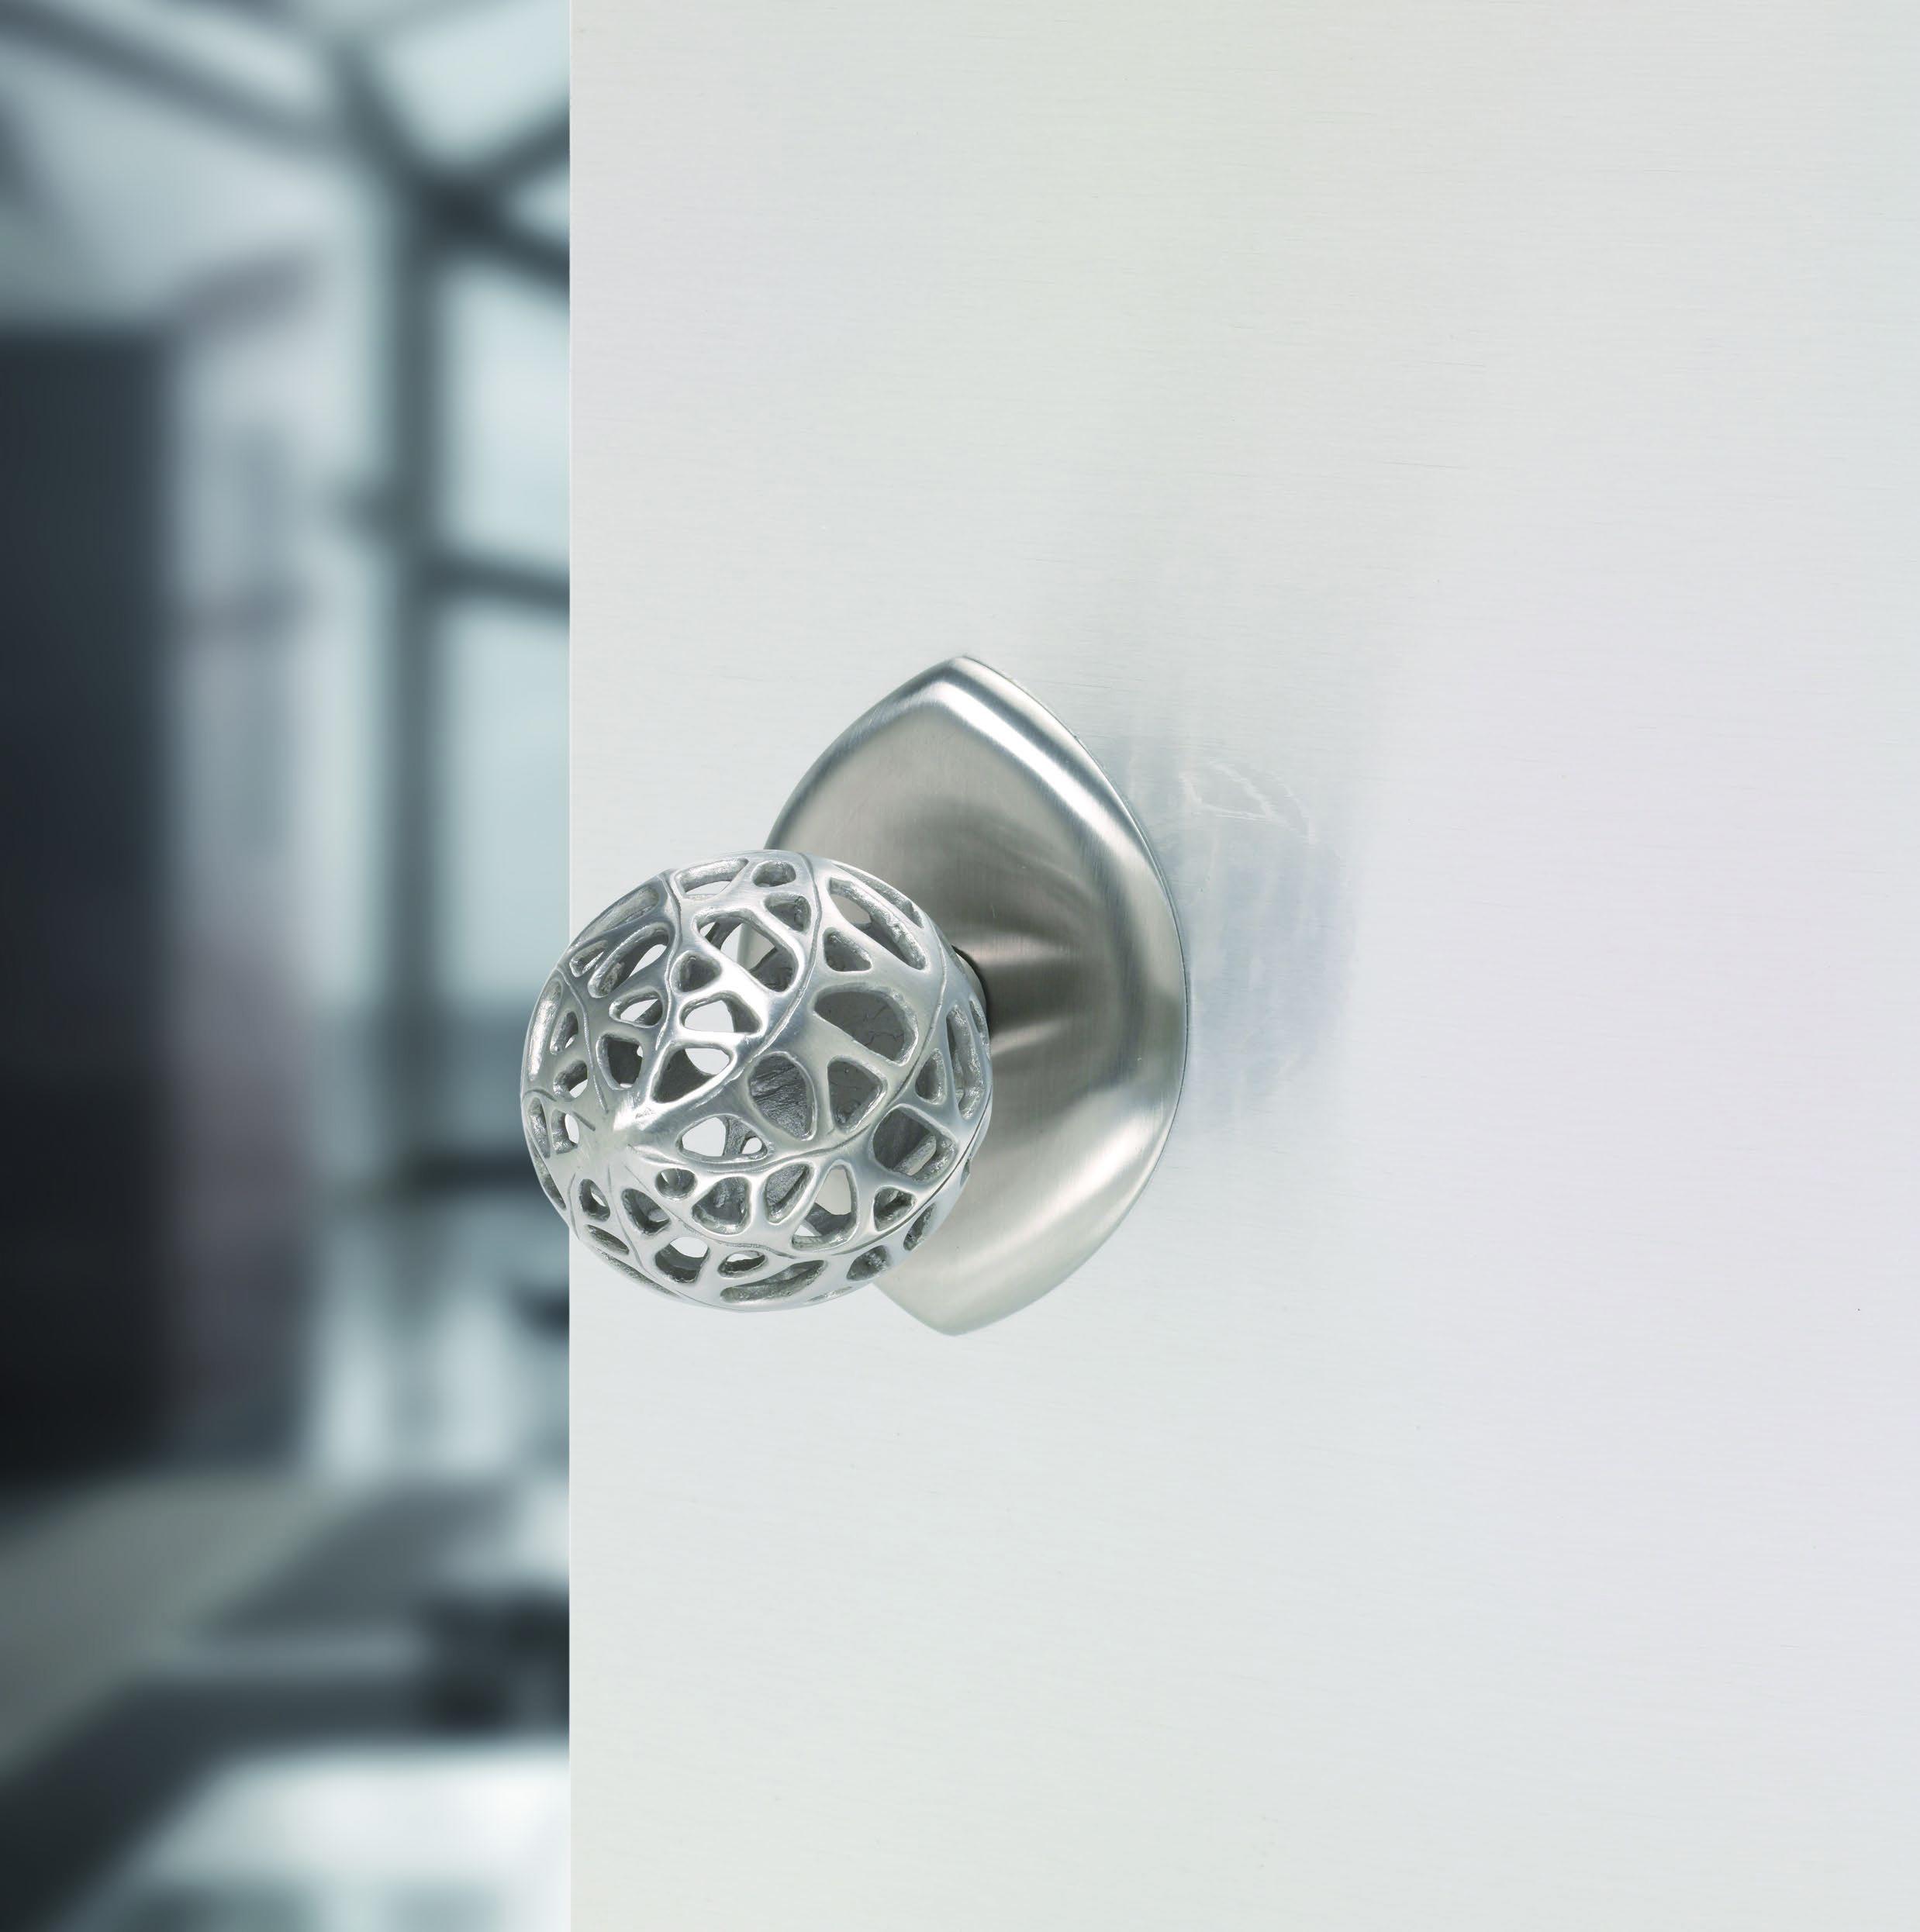 Contemporary interior door knob Morphic